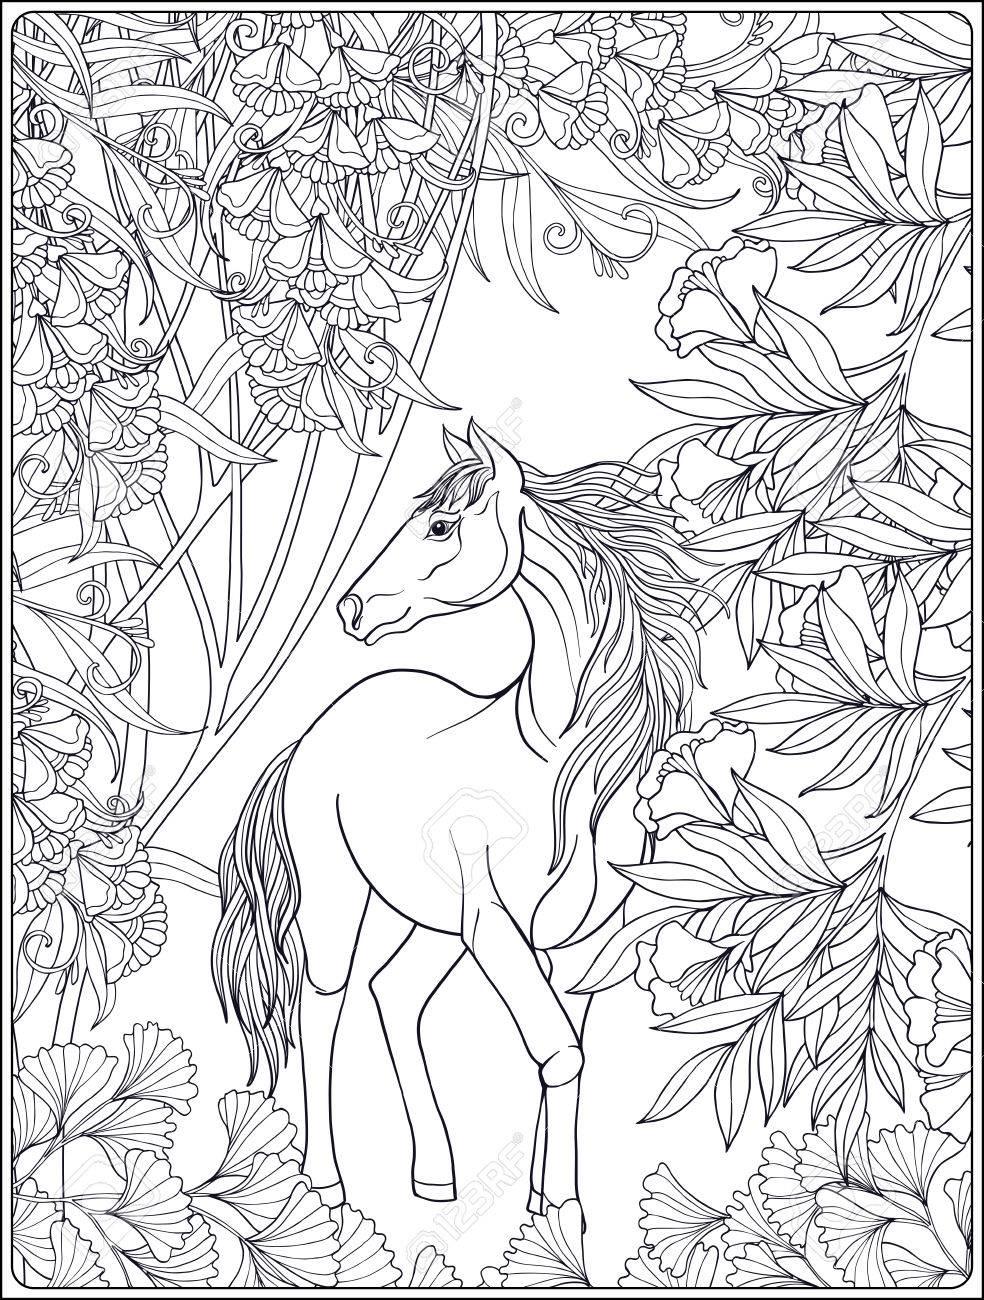 Pferd Im Garten. Vektor-Illustration. Malbuch Für Erwachsene Und ...